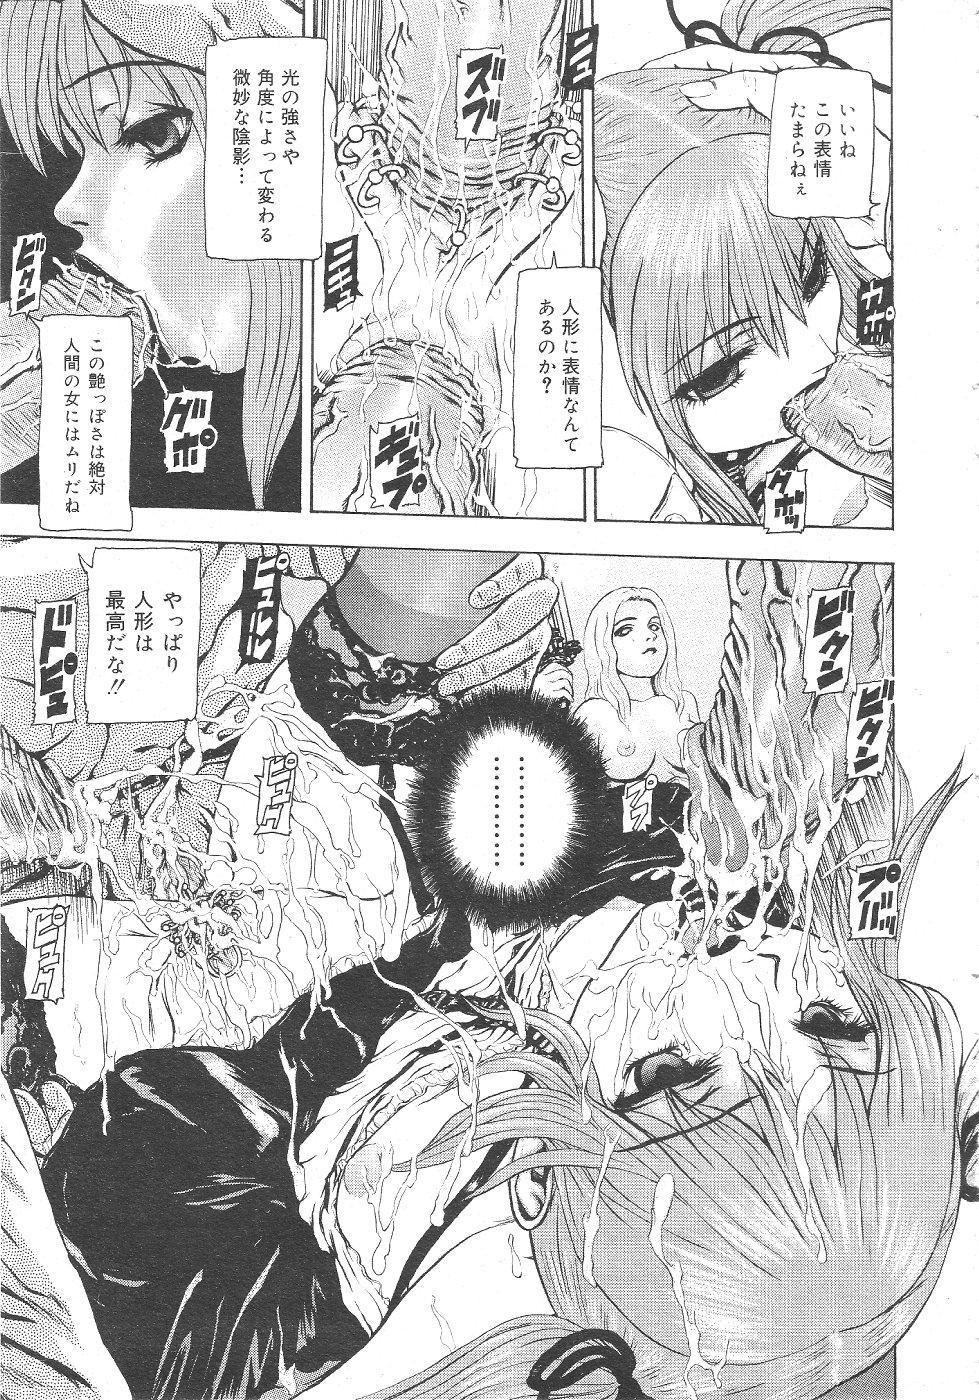 Gekkan Comic Muga 2004-06 Vol.10 166